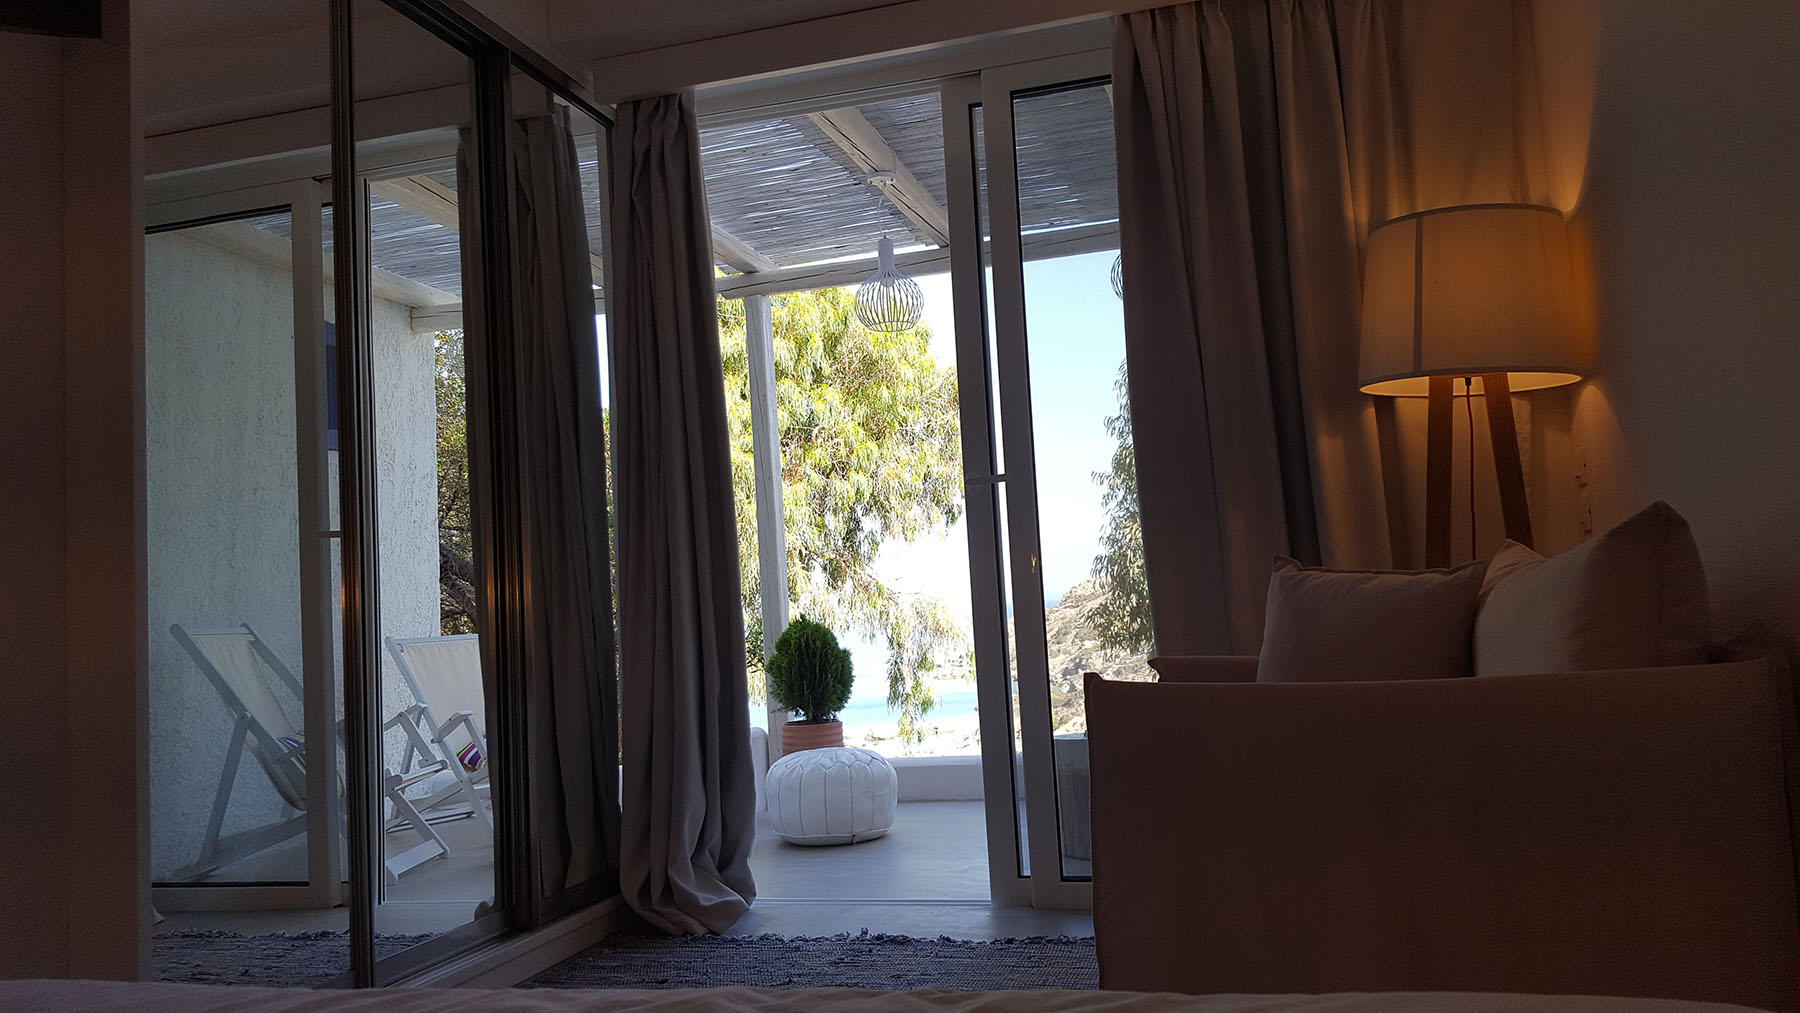 καρπαθος δωματια - Poseidon Blue Gastronomy Hotel